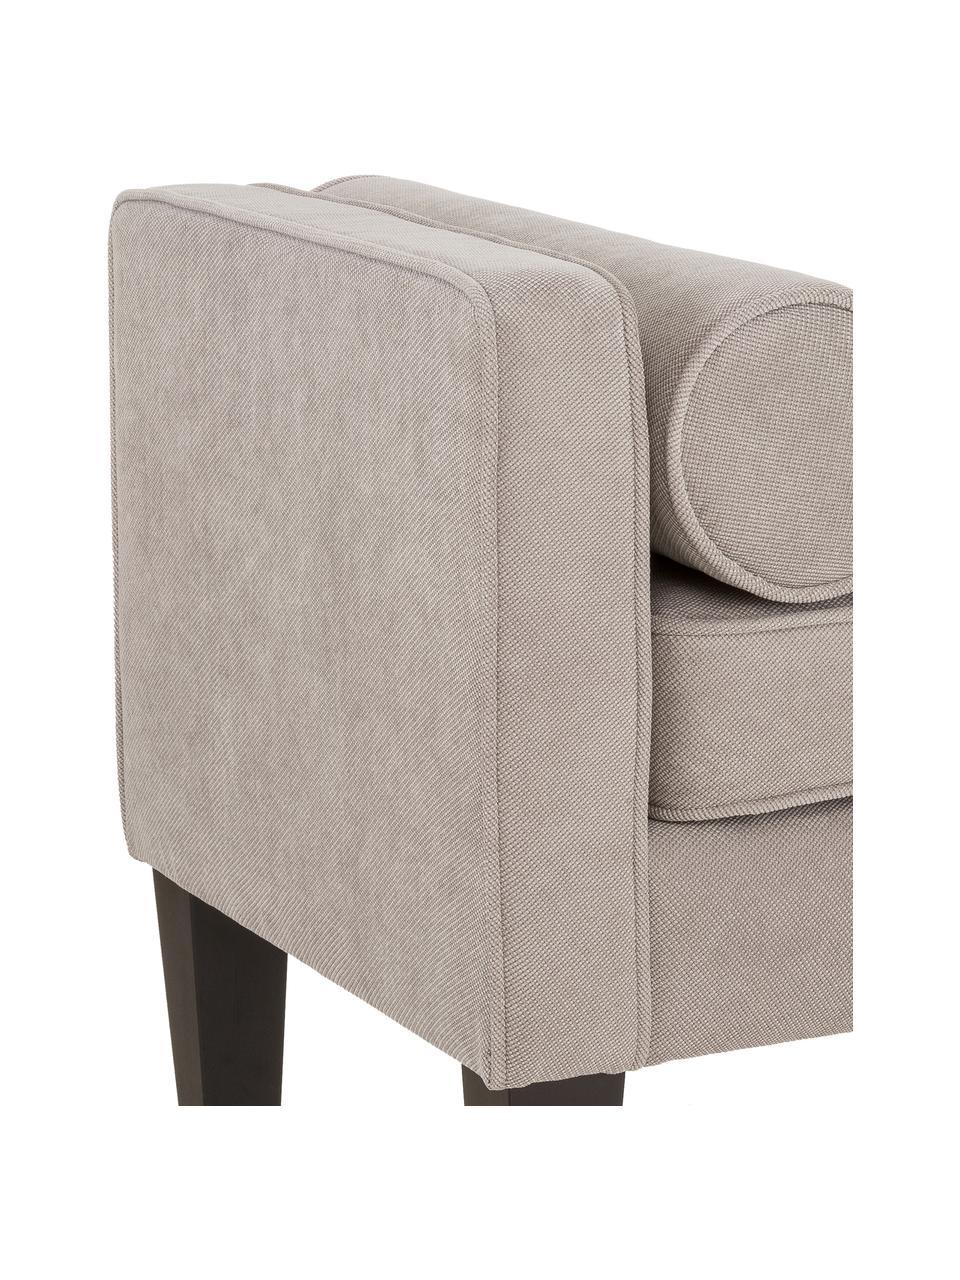 Bettbank Mia mit Kissen, Bezug: 92% Polyester, 8% Nylon, Beine: Birkenholz, lackiert, Bezug: Grau Beine: Schwarz, 115 x 61 cm